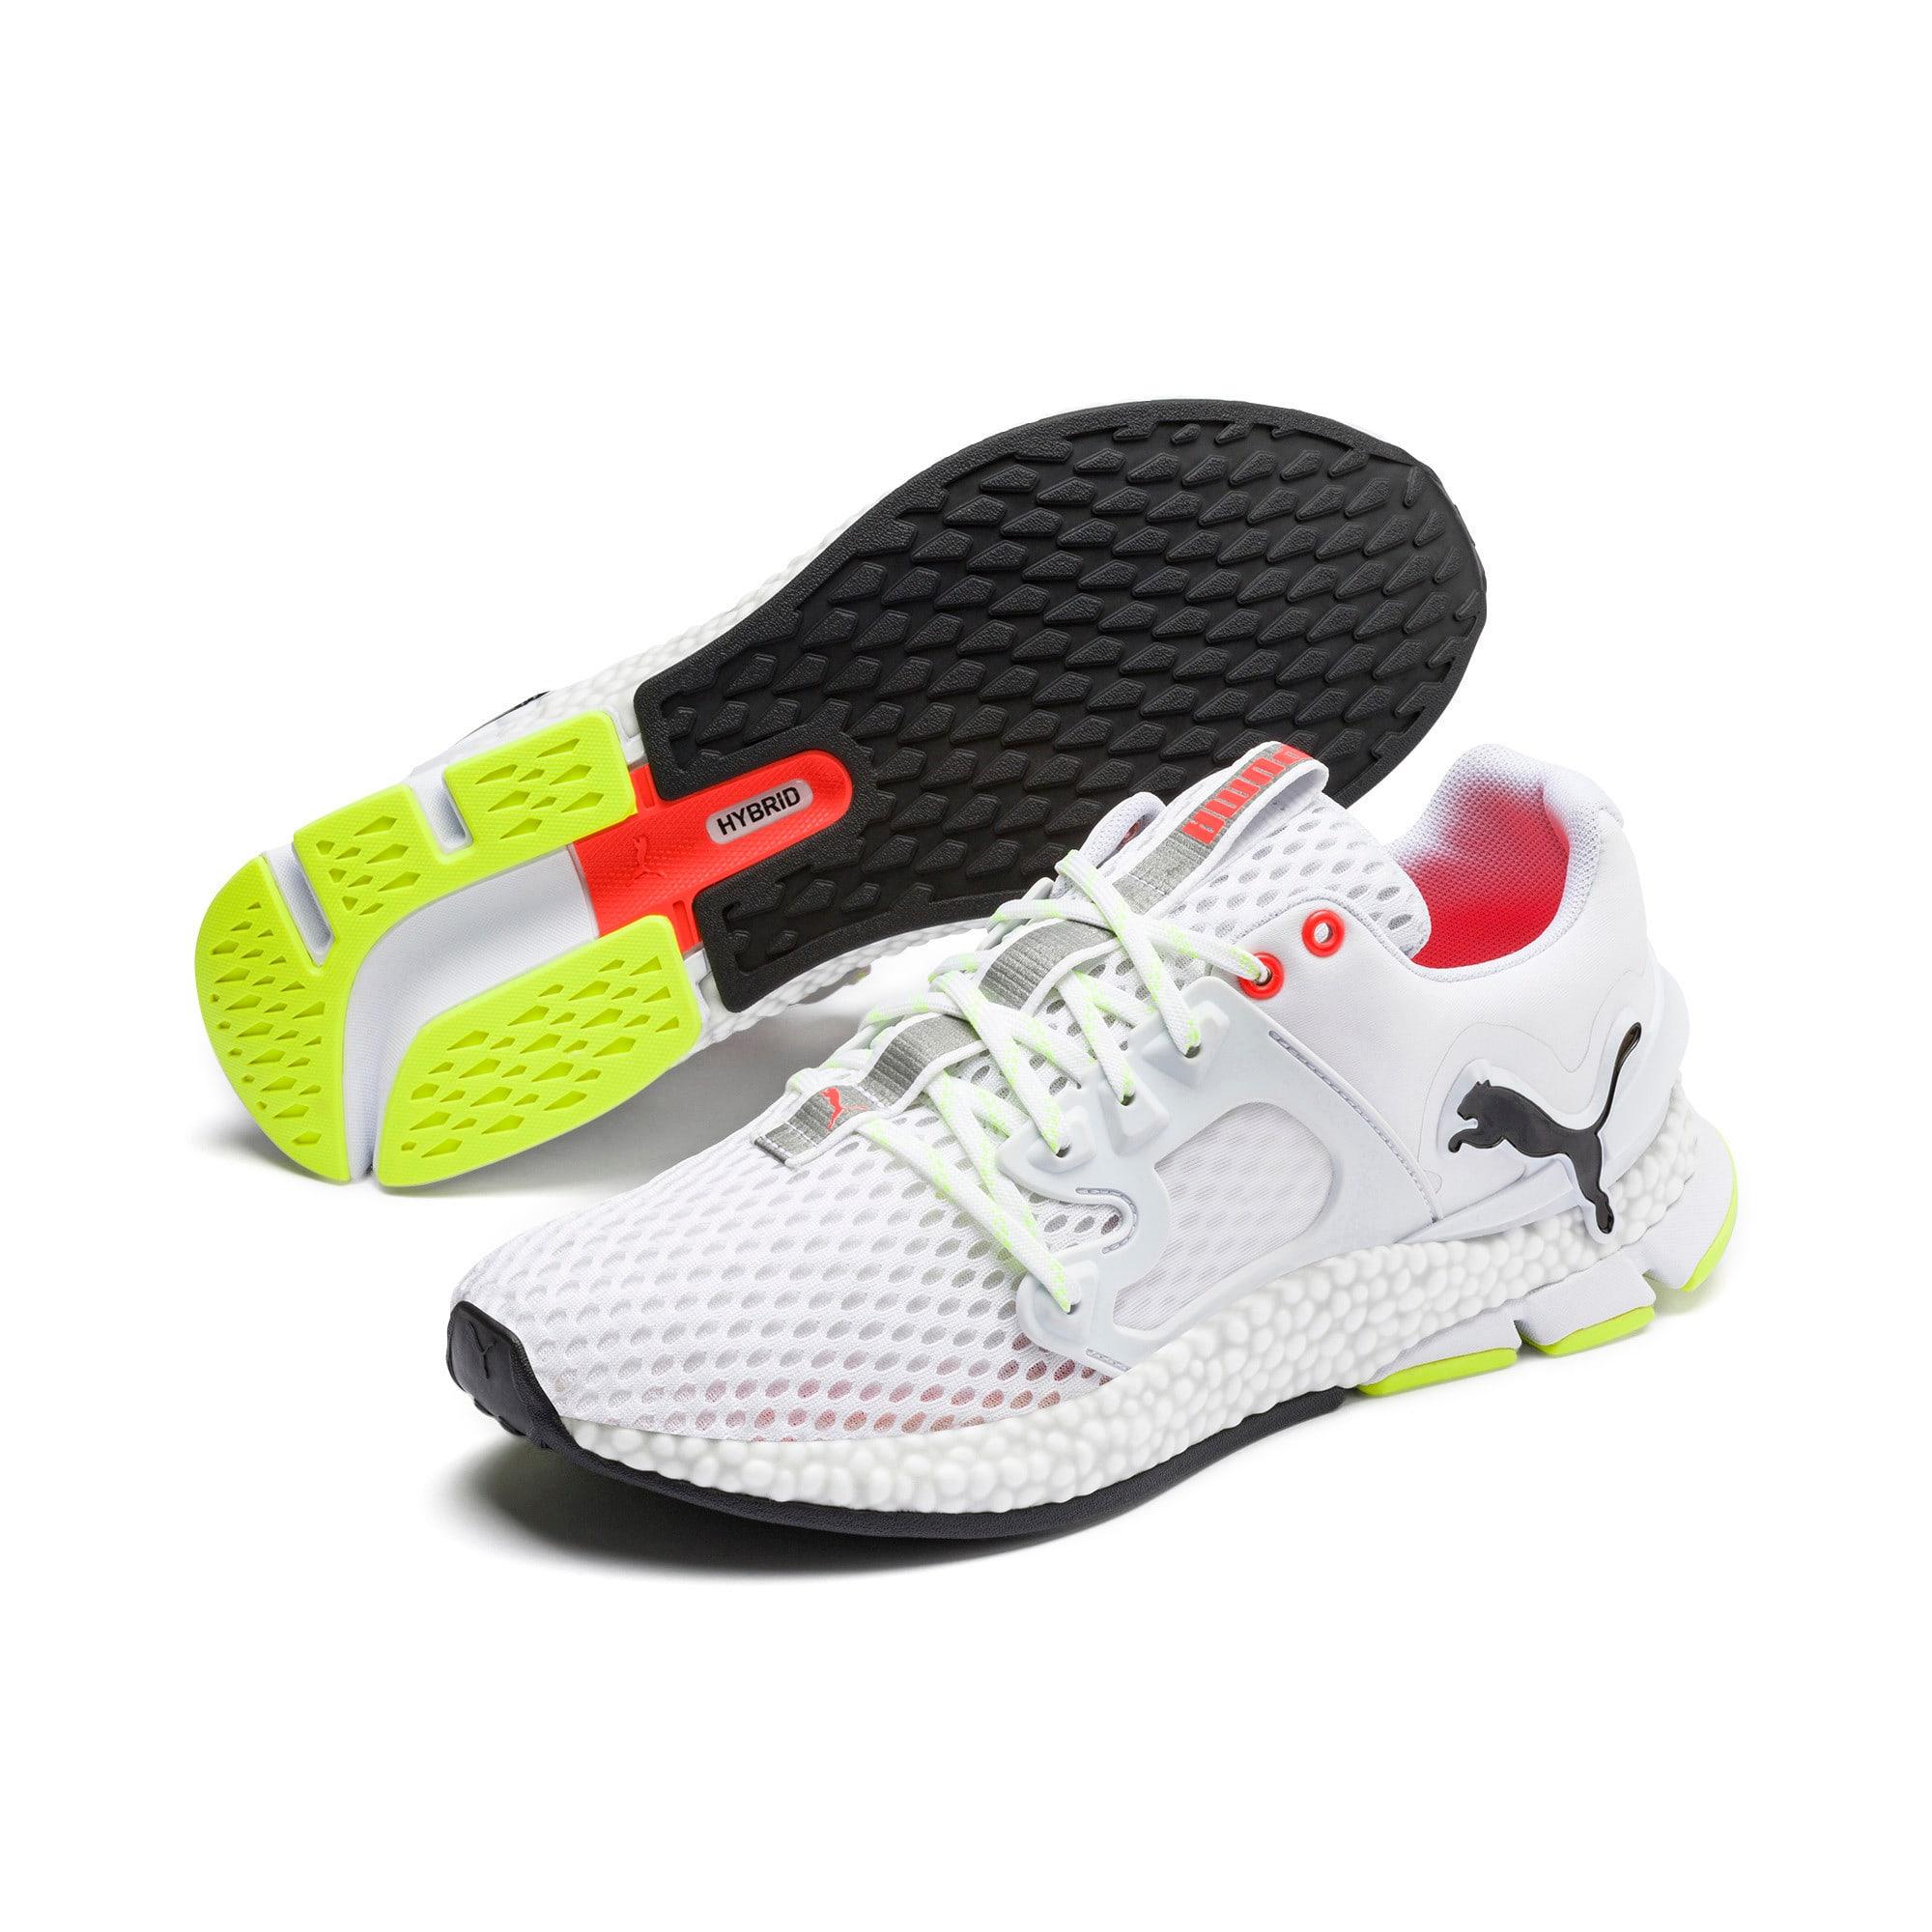 Thumbnail 3 of HYBRID Sky Men's Running Shoes, White-Black-Nrgy Red, medium